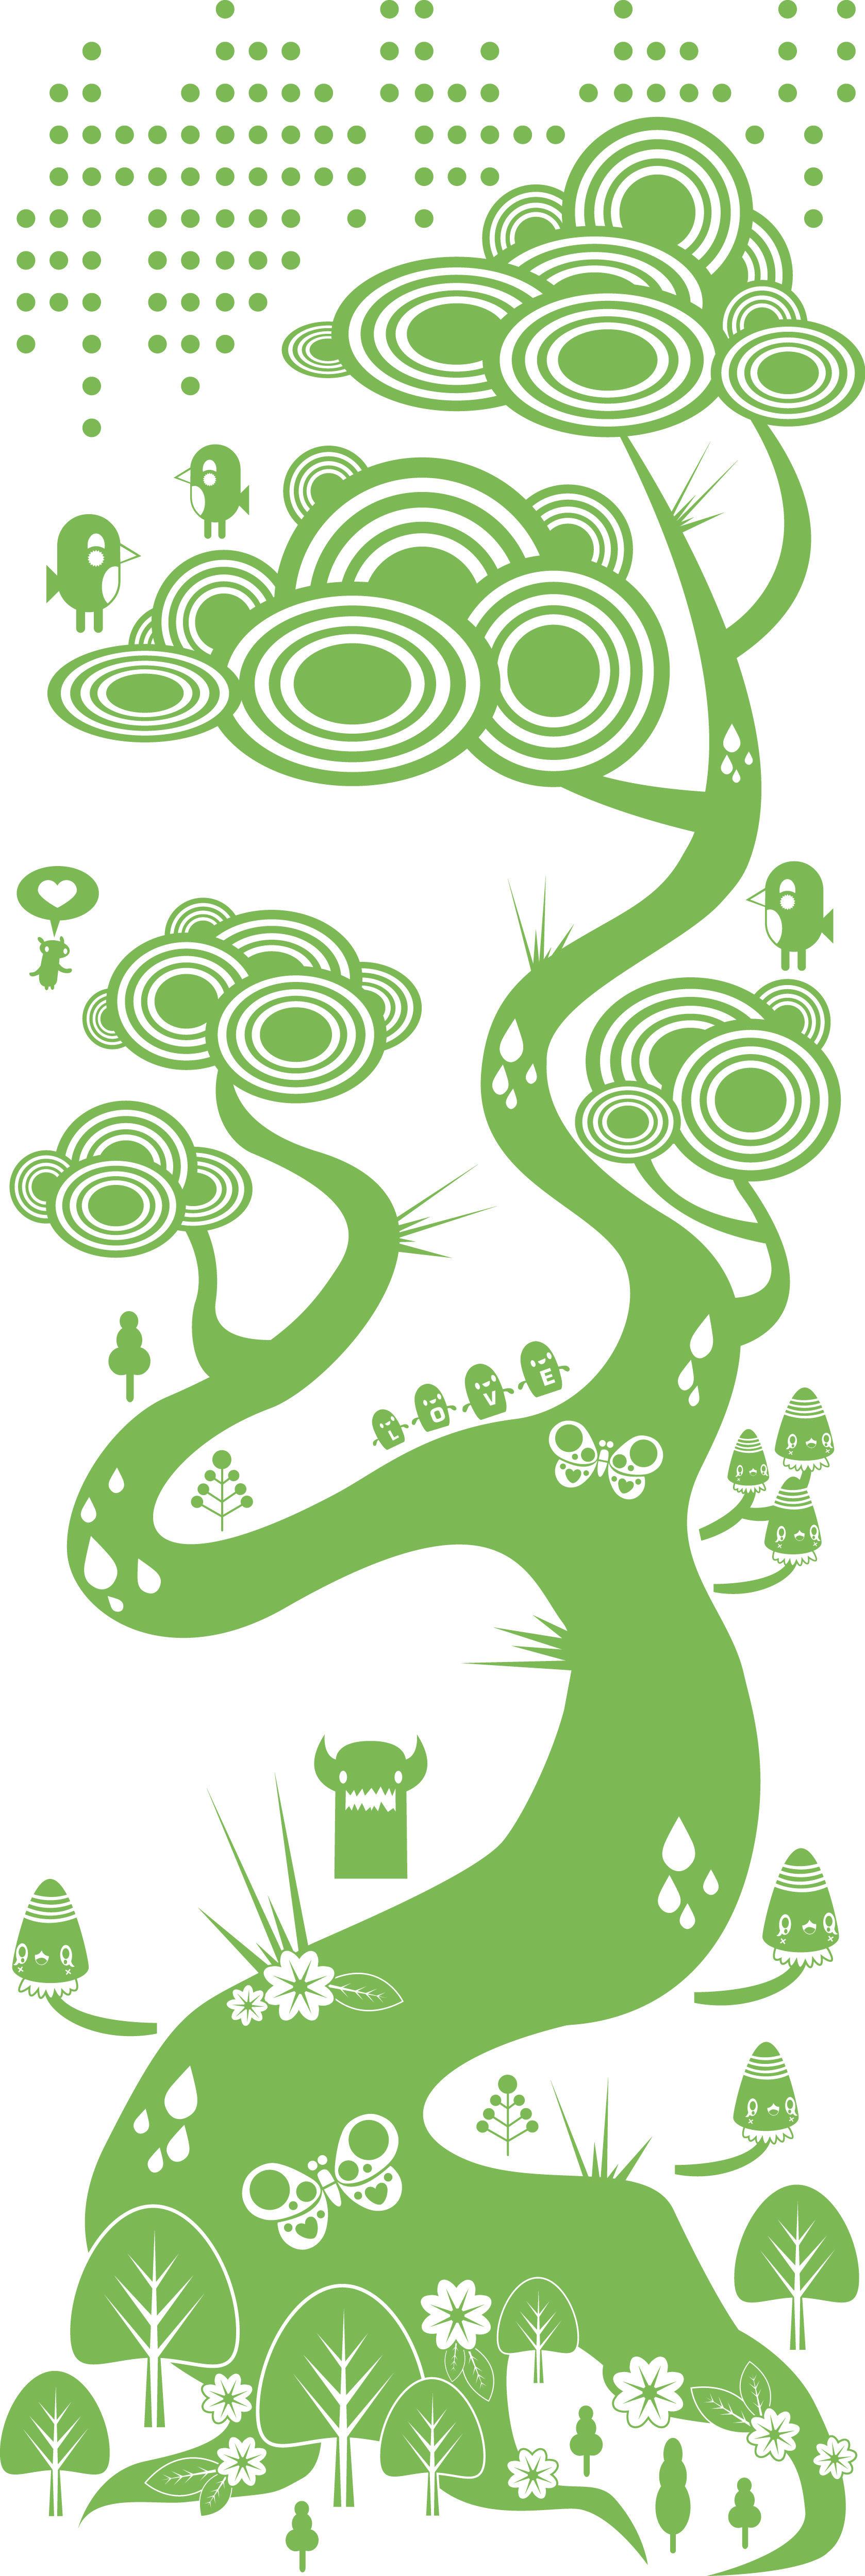 Dekoration - Stickers und Tapeten - Flora and Fauna 1 Green Sticker - Domestic - Grün - Vinyl